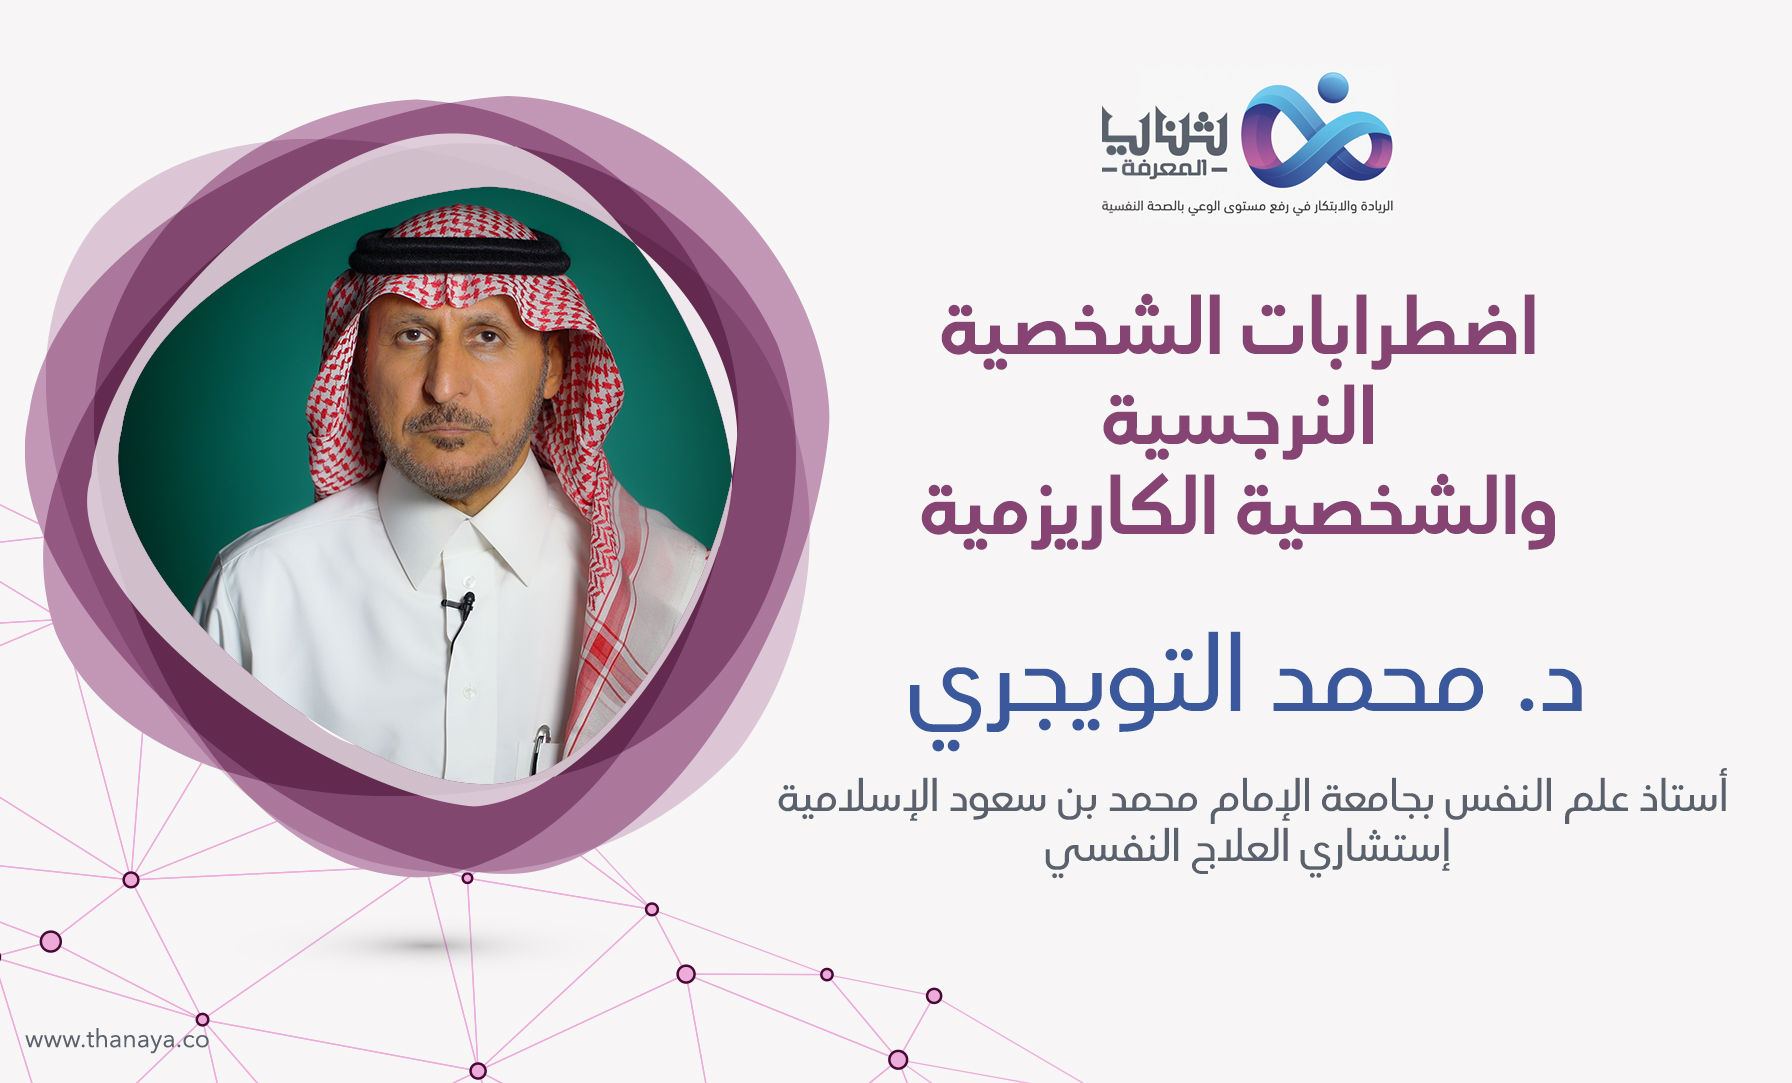 د. محمد التويجري - دورة اضطرابات الشخصية النرجسية و الشخصية الكاريزمية